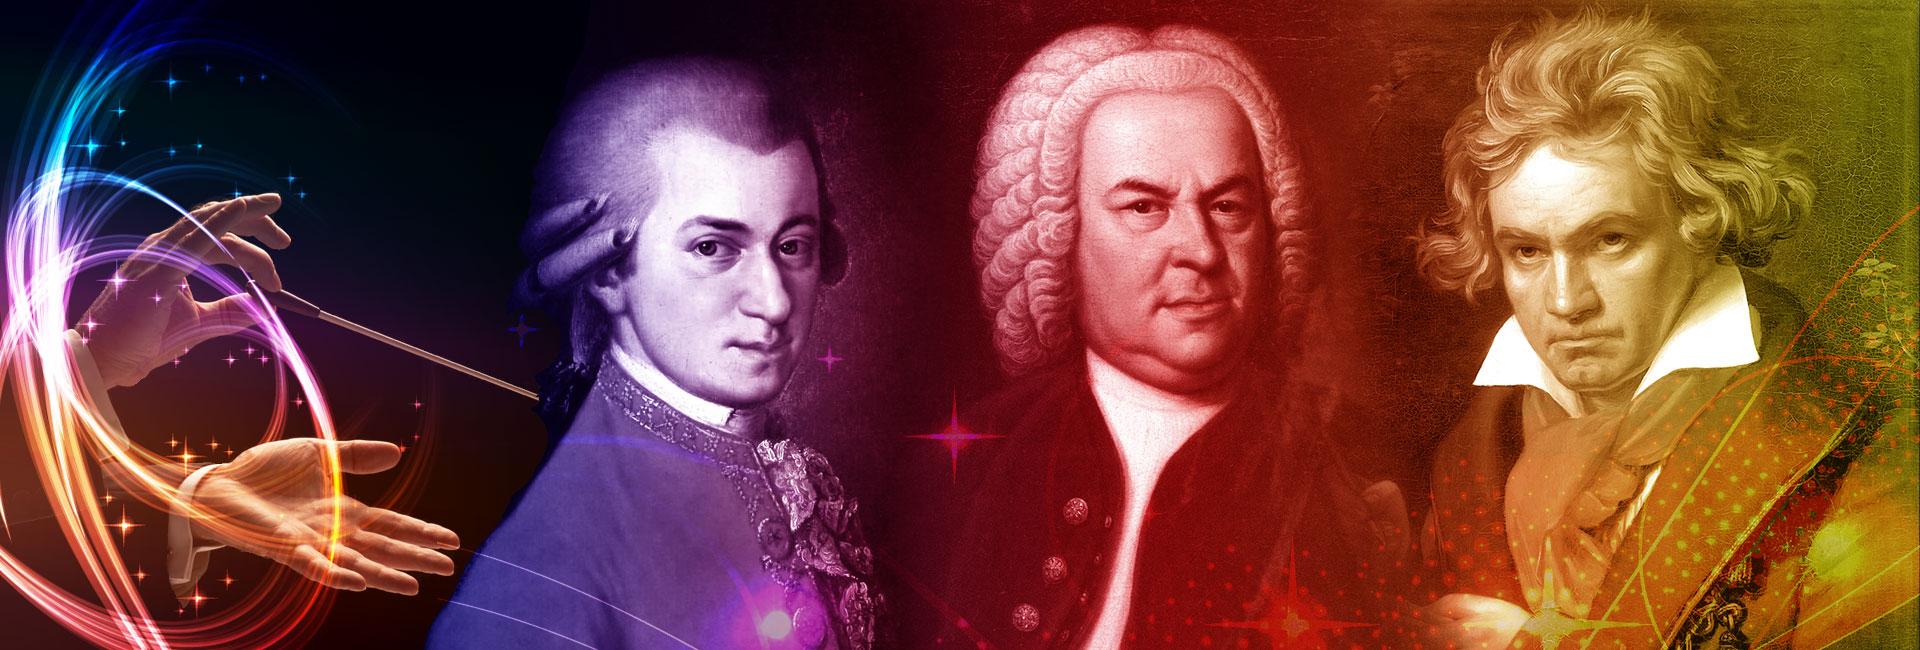 שלושת הגדולים: באך, בטהובן ומוצרט